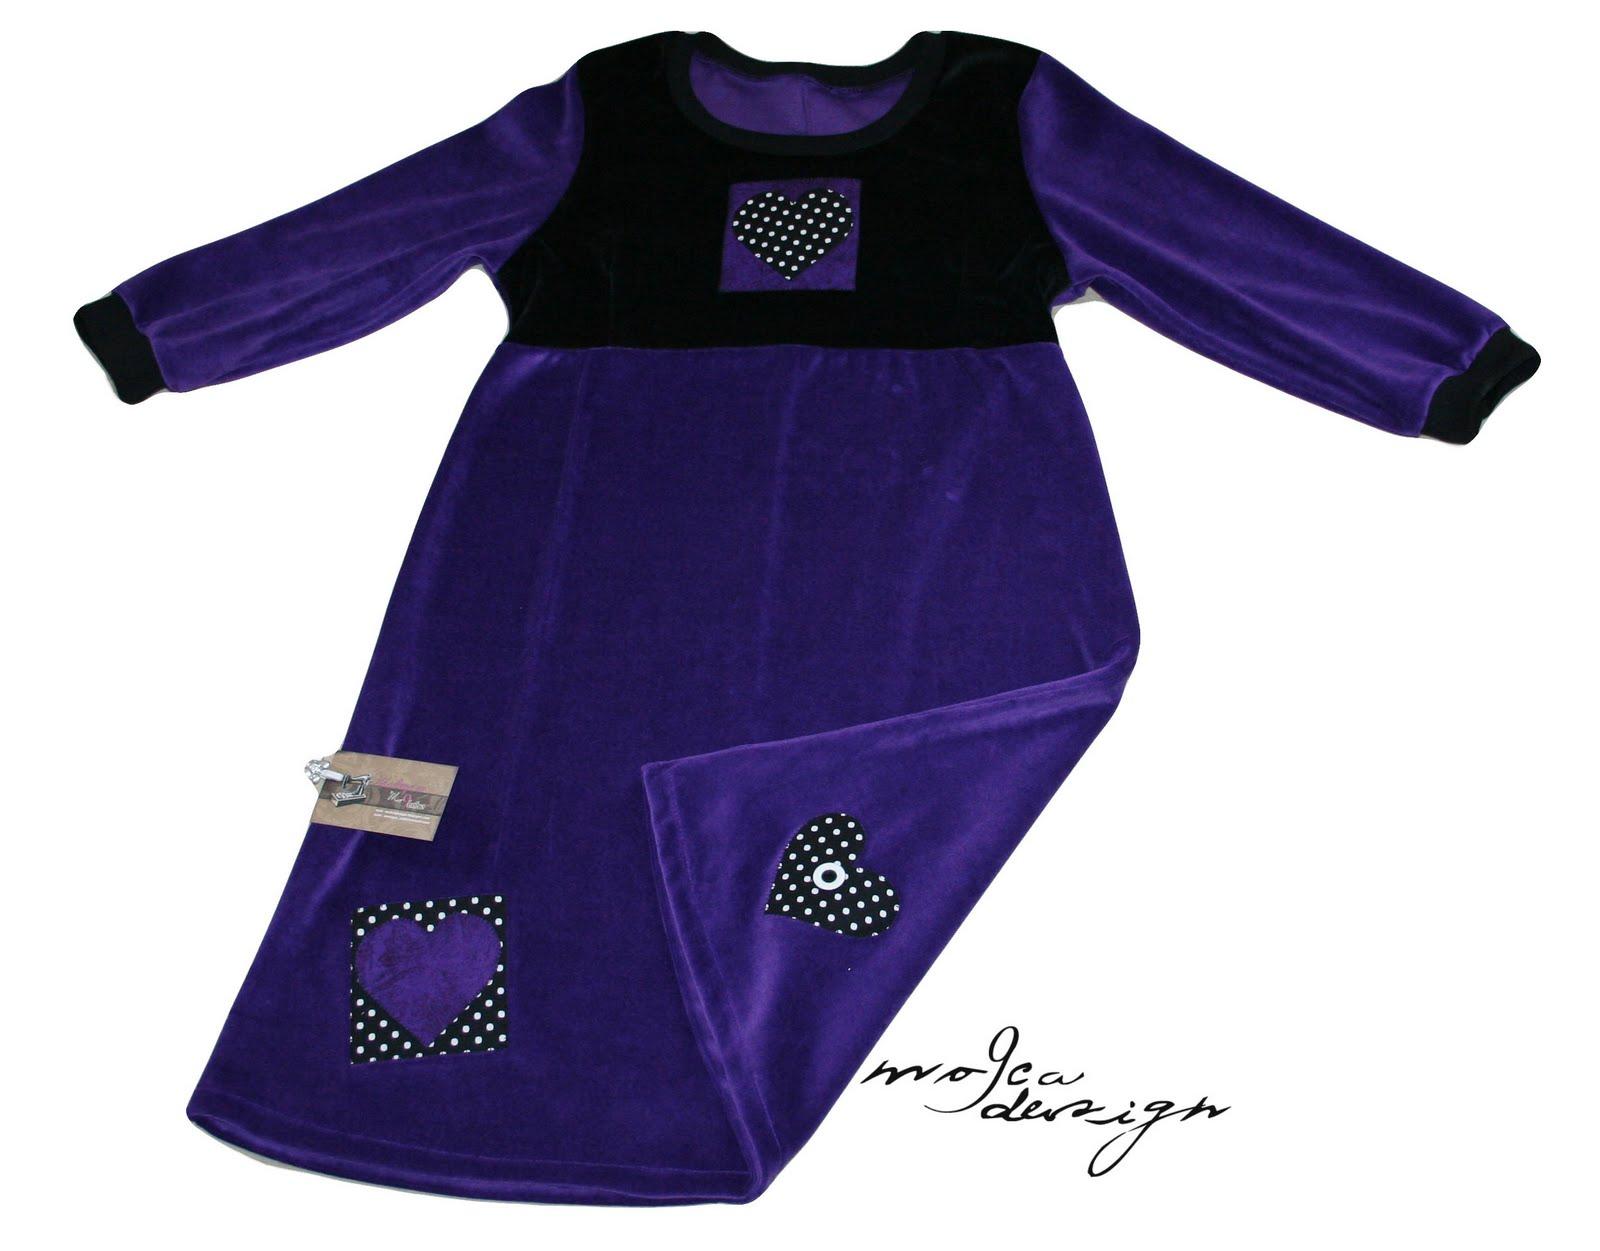 4a9e4df2b331 Og her en body og bukse til Frida. Laget i stripete jersey fra stoff og stil...meningen  å matche kjolene du finner her! Str.92.